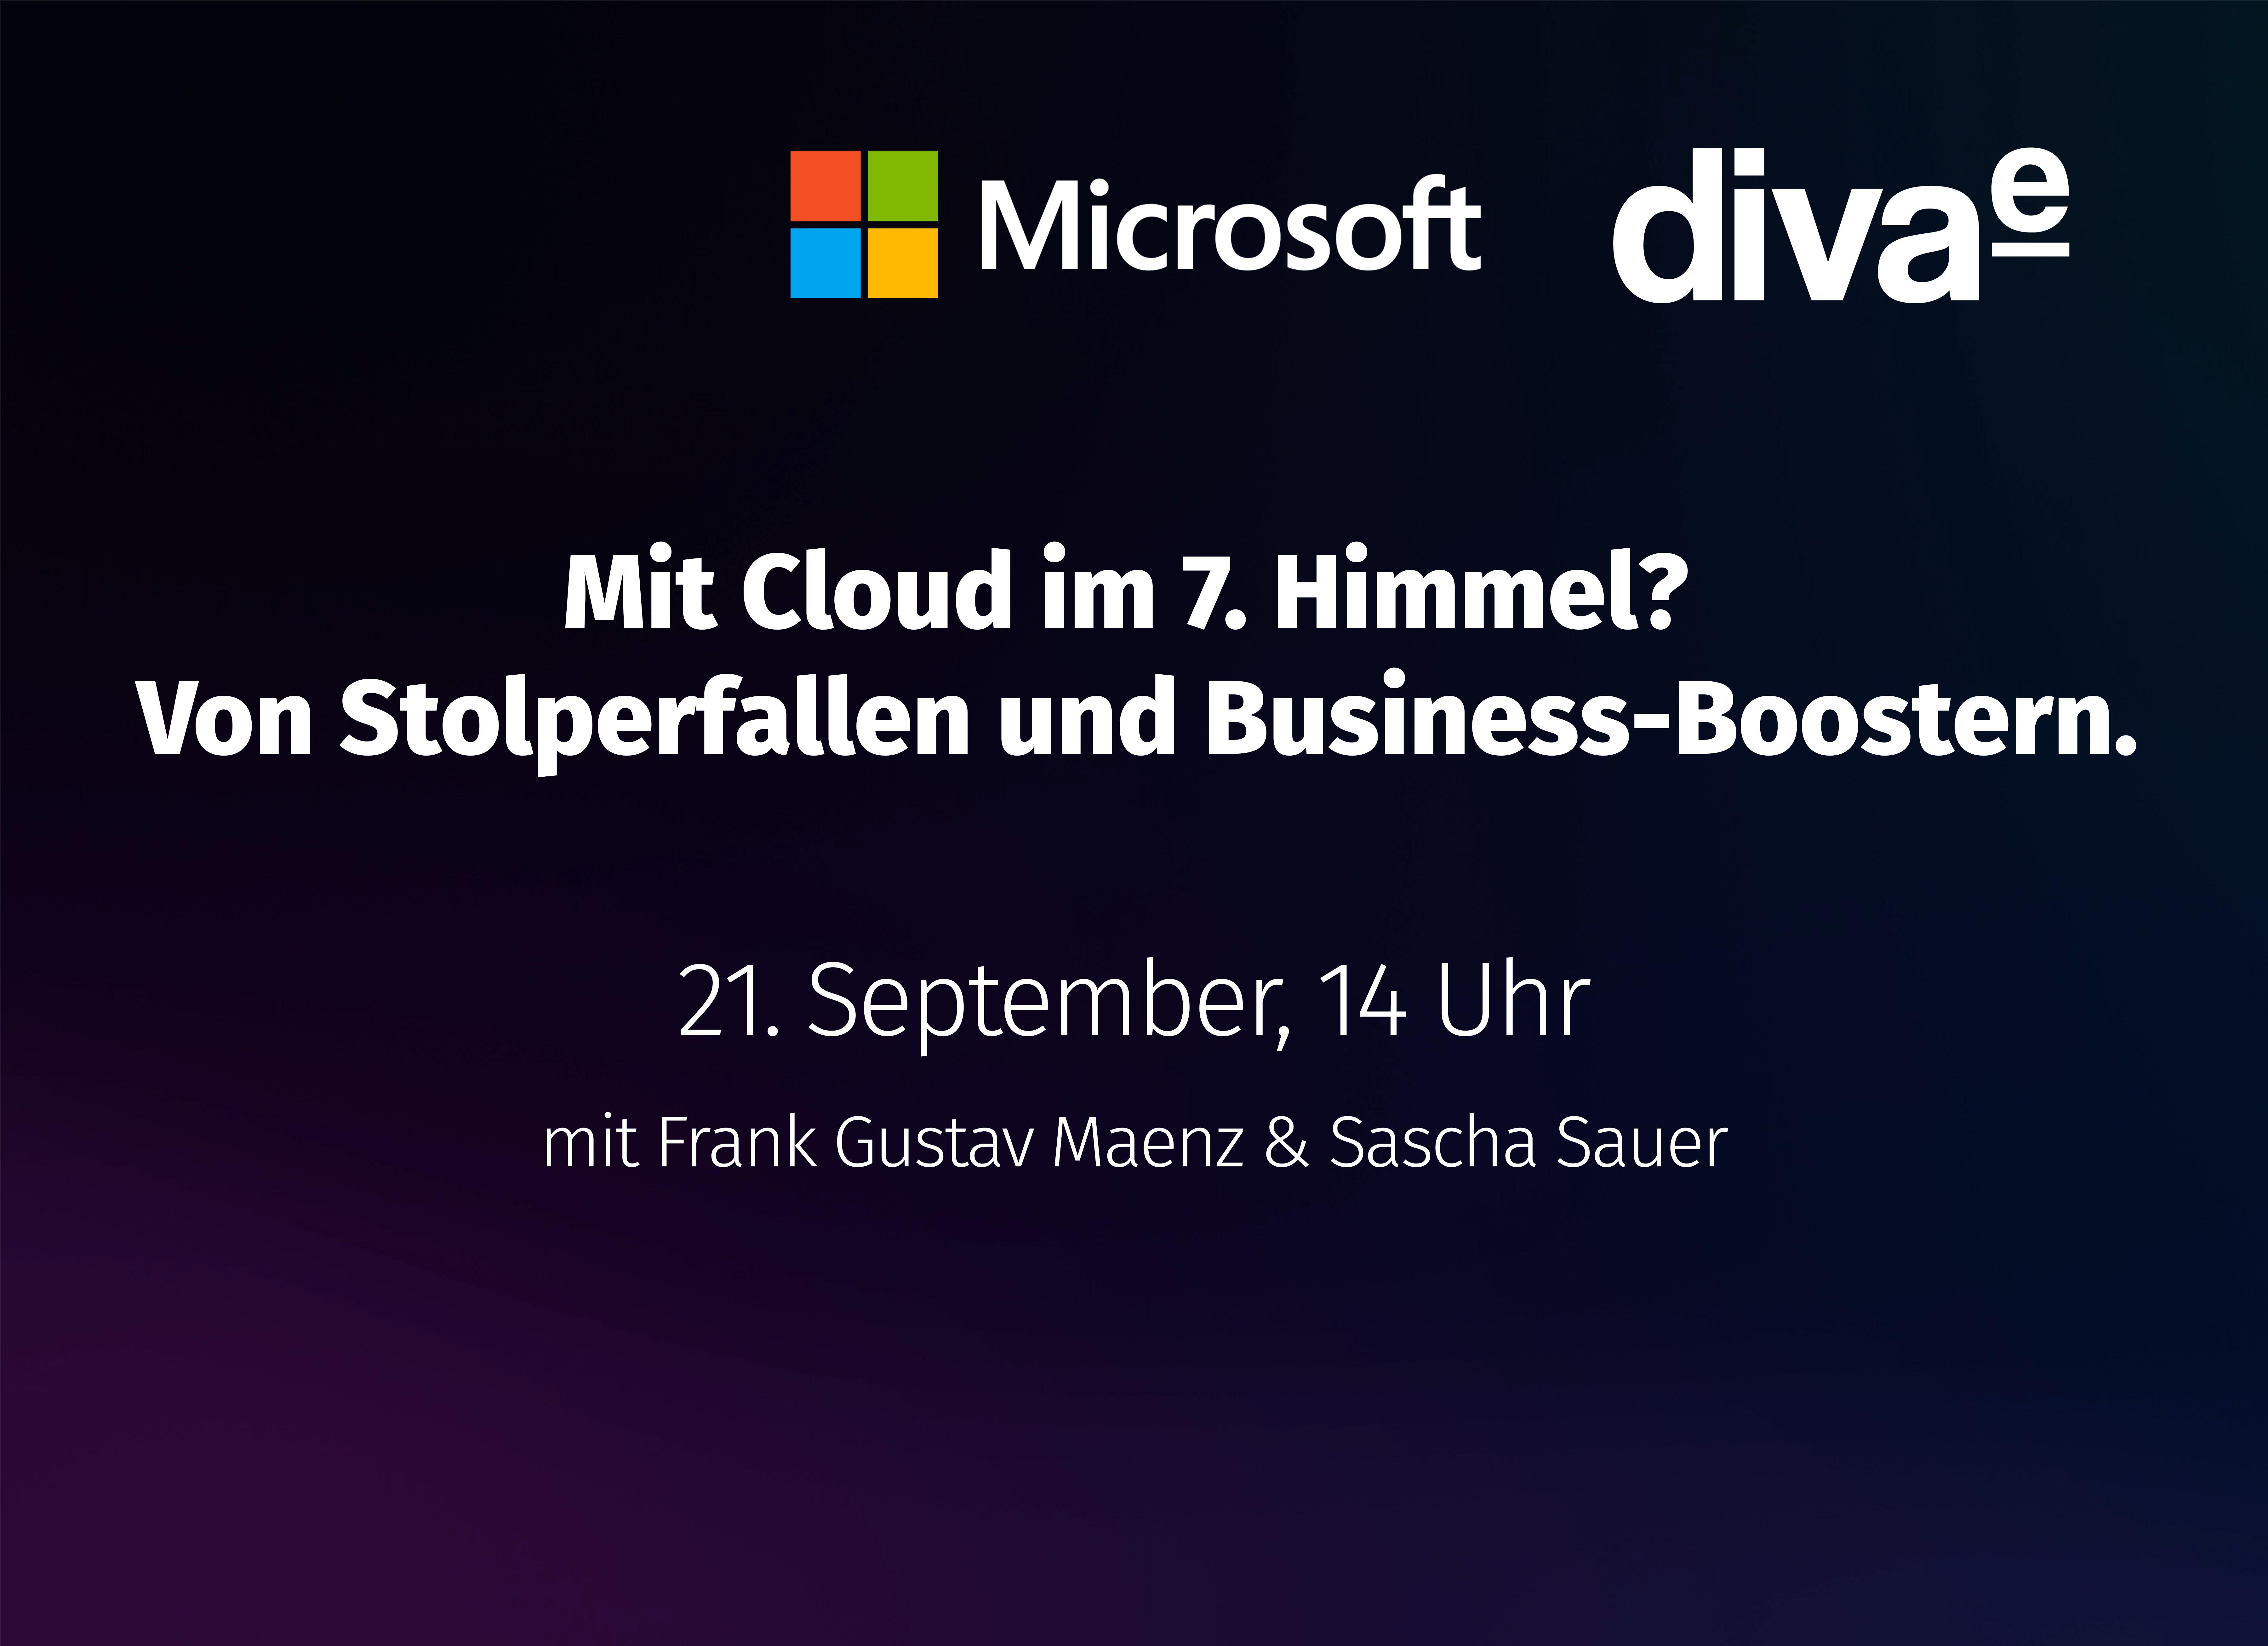 On-Demand Webinar: Mit Cloud im 7. Himmel? Von Stolperfallen und Business-Boostern